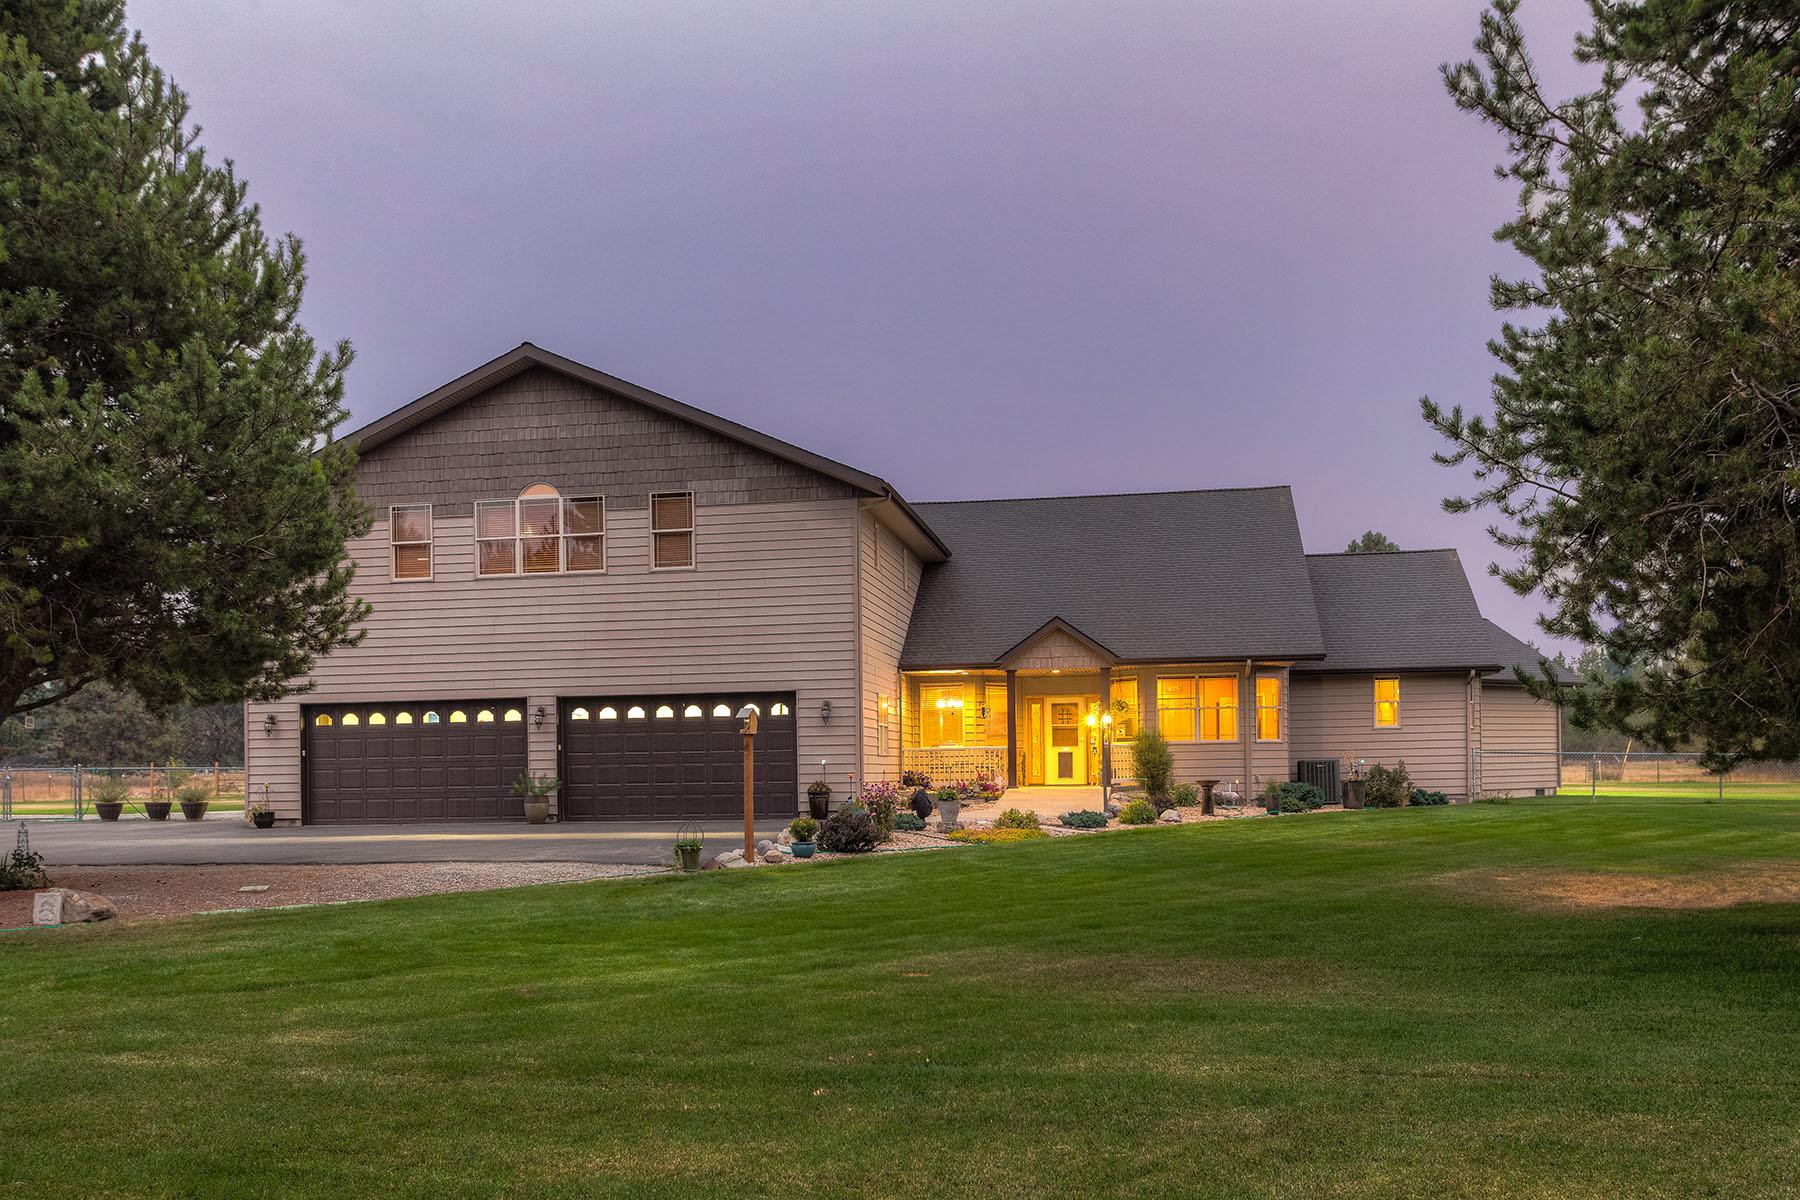 단독 가정 주택 용 매매 에 Beautiful Home on 5 Acres 1714 W Garwood Rd Rathdrum, 아이다호 83858 미국